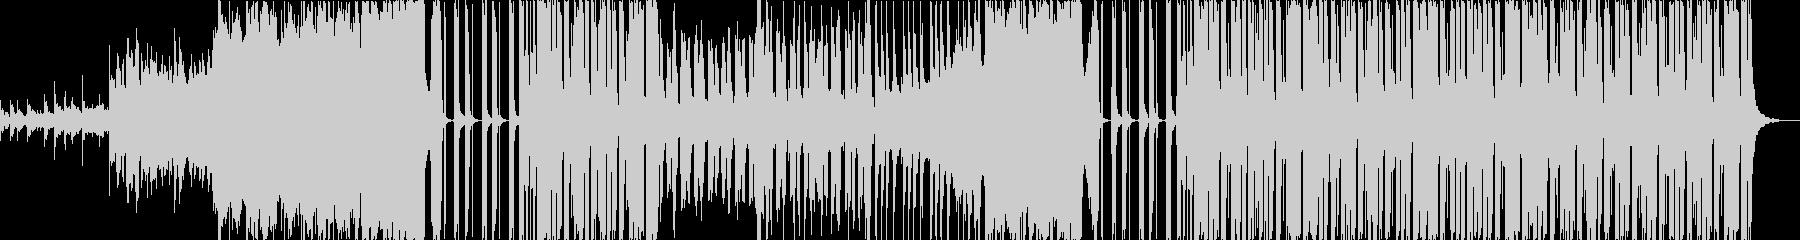 しっとり落ち着いたエレクトロの未再生の波形